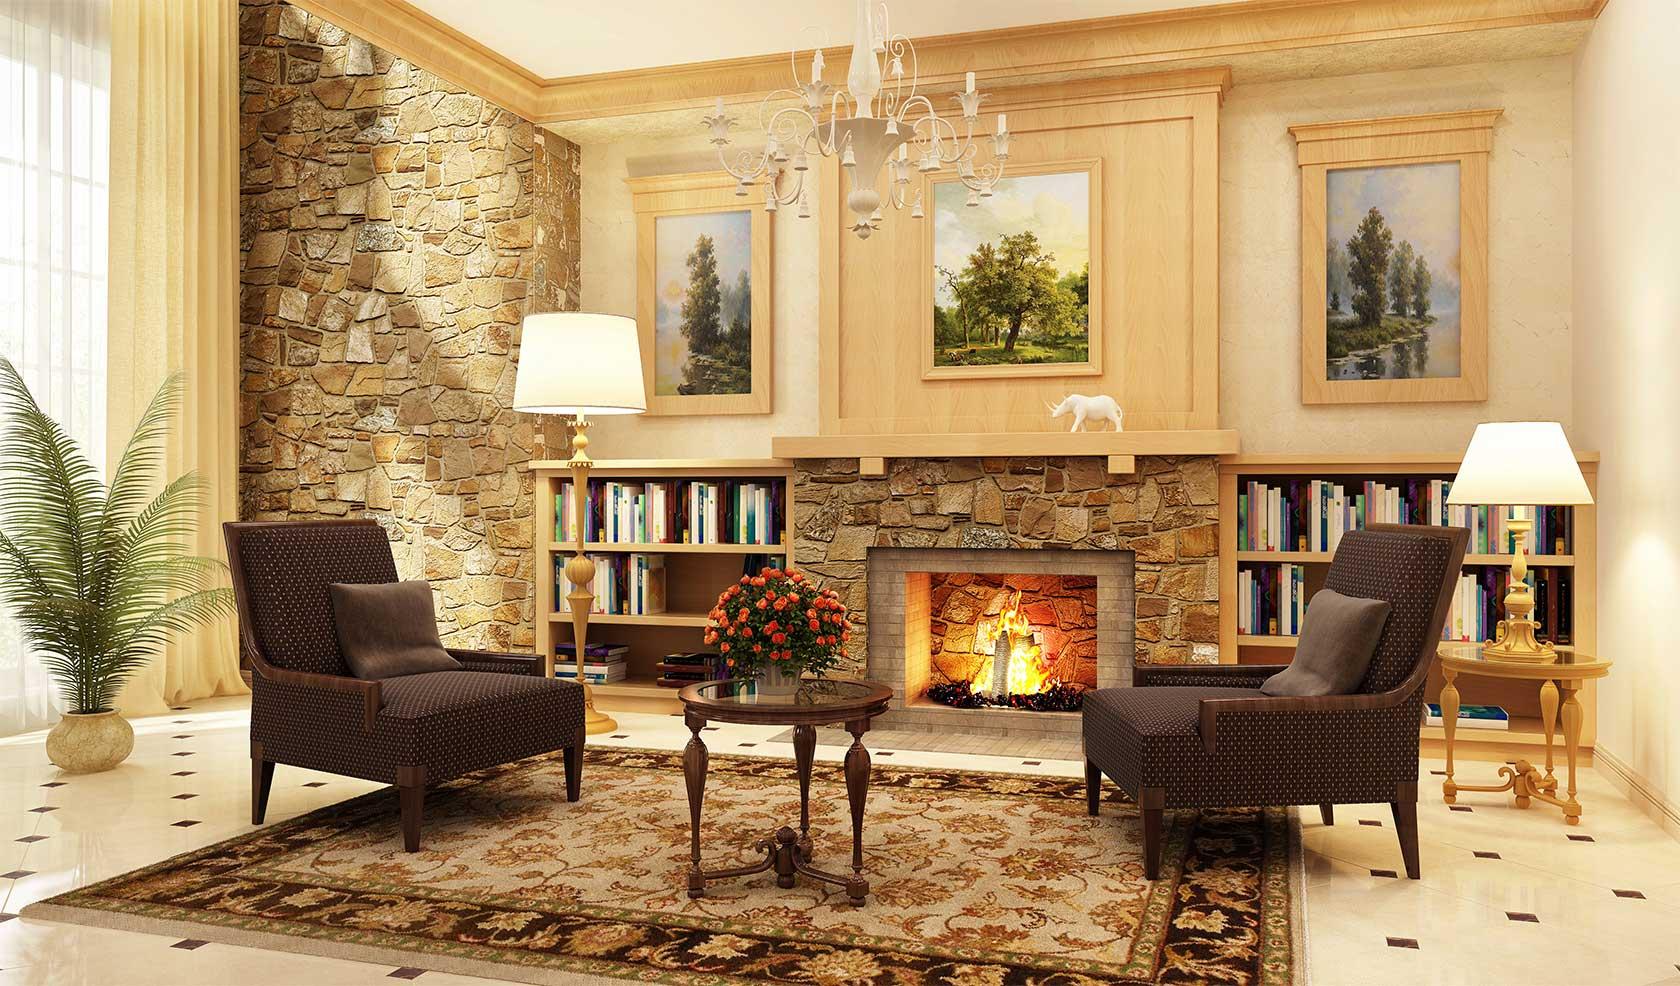 Stylish Fireplace